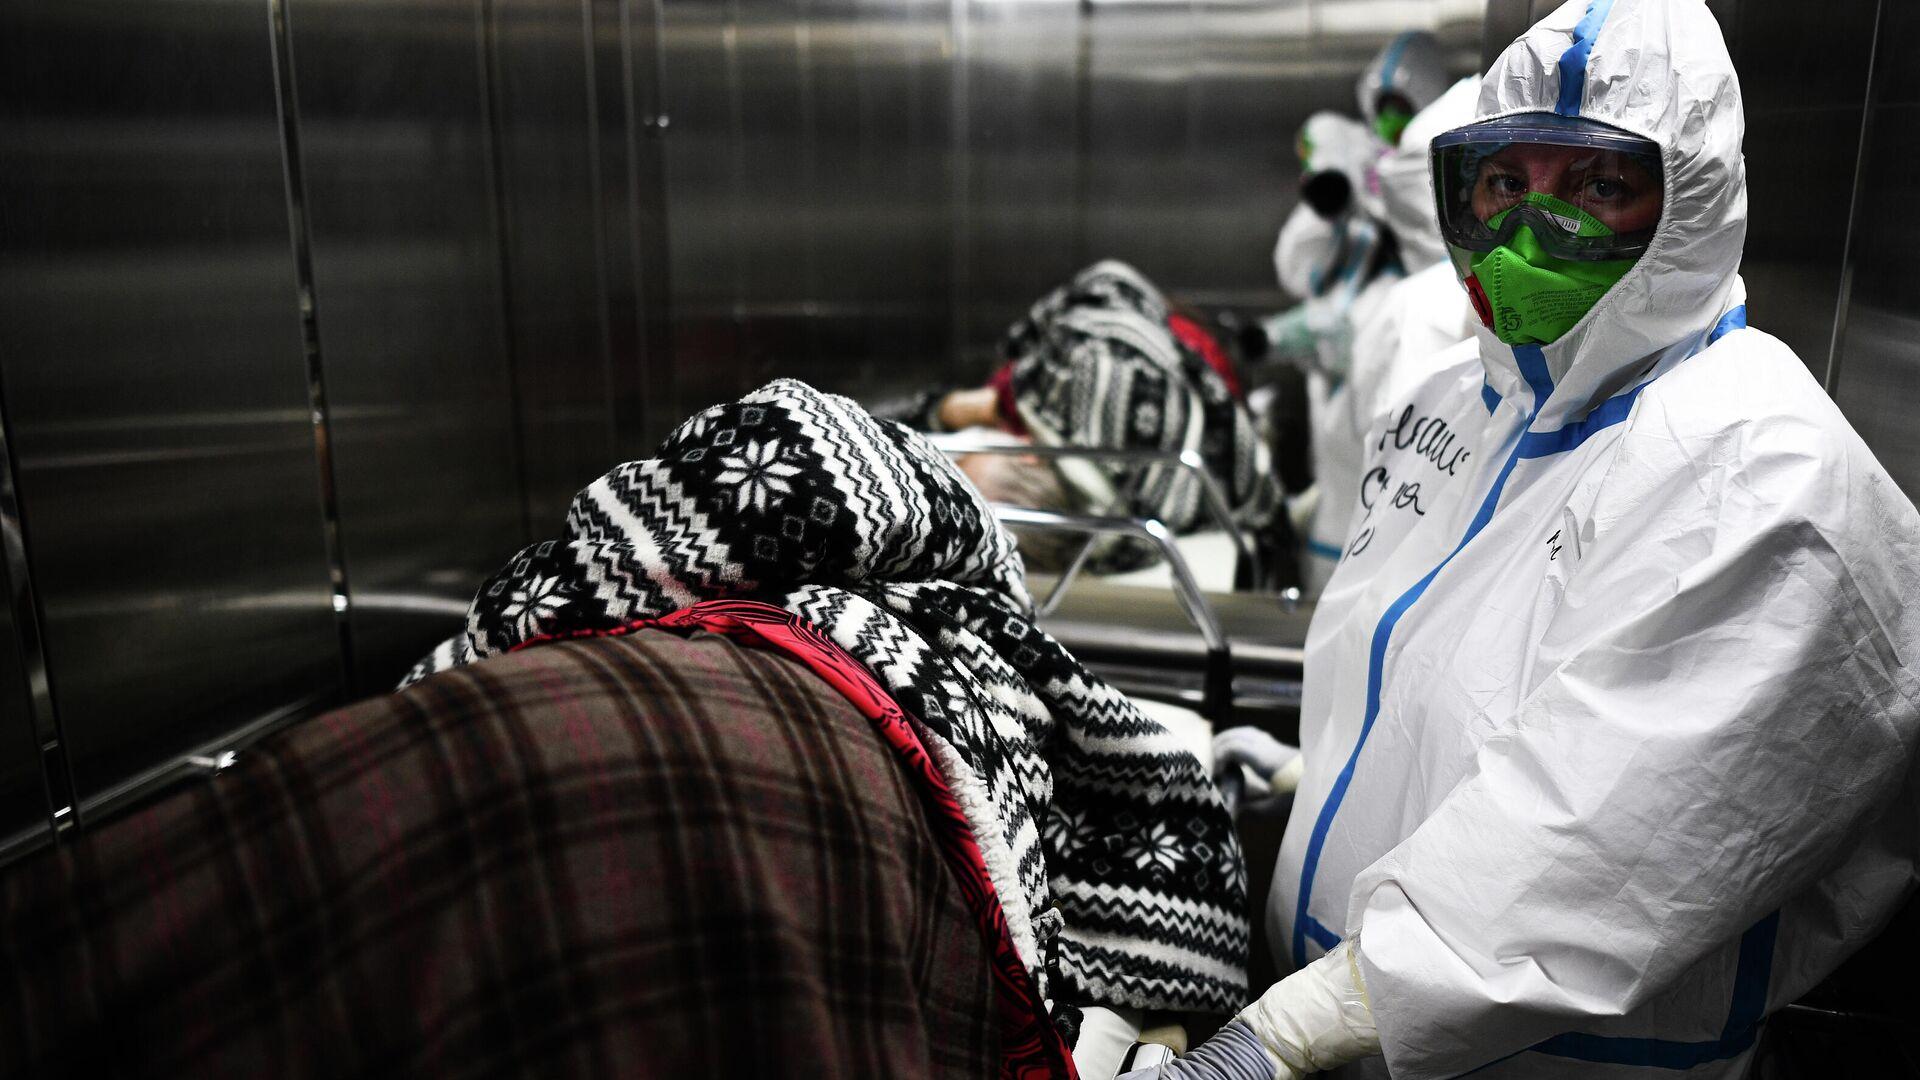 Врач и пациент в центральной клинической больнице РЖД-Медицина в Москве, где проходят лечение больные с COVID-19 - РИА Новости, 1920, 08.12.2020